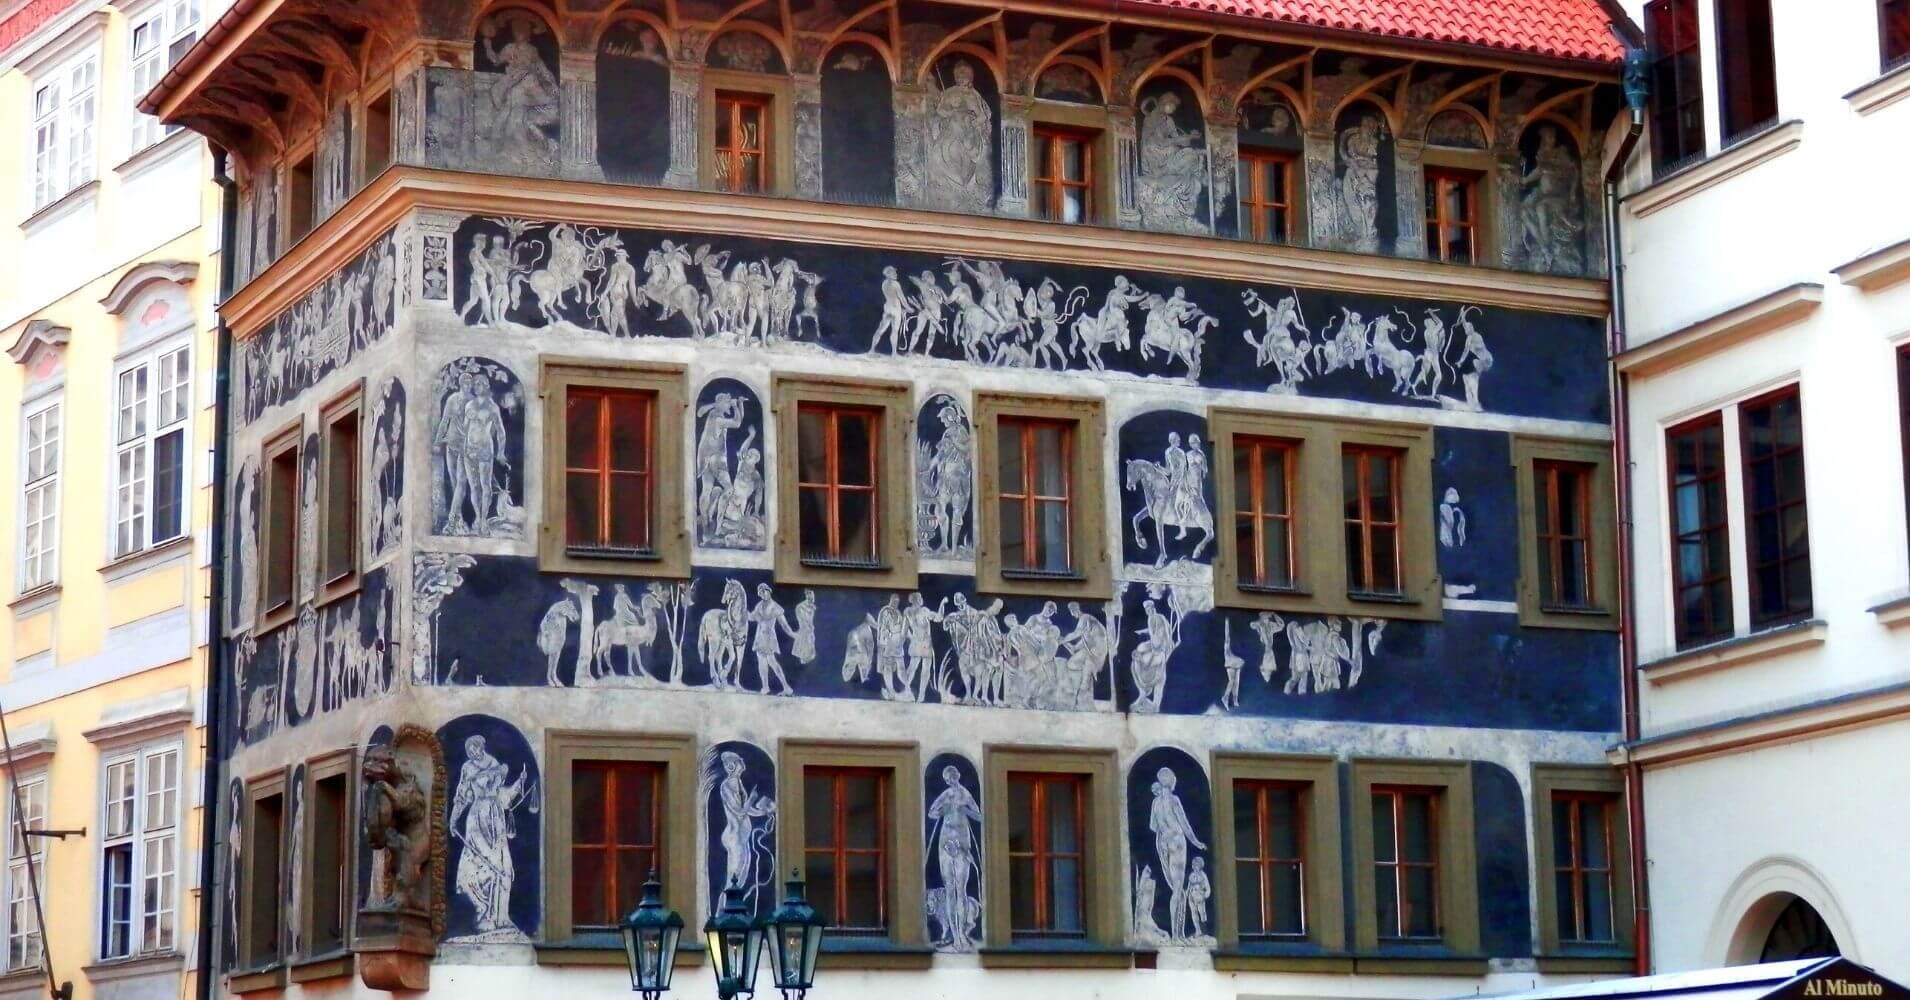 Fachada Casa de Stare Mesto. Praga. República Checa.